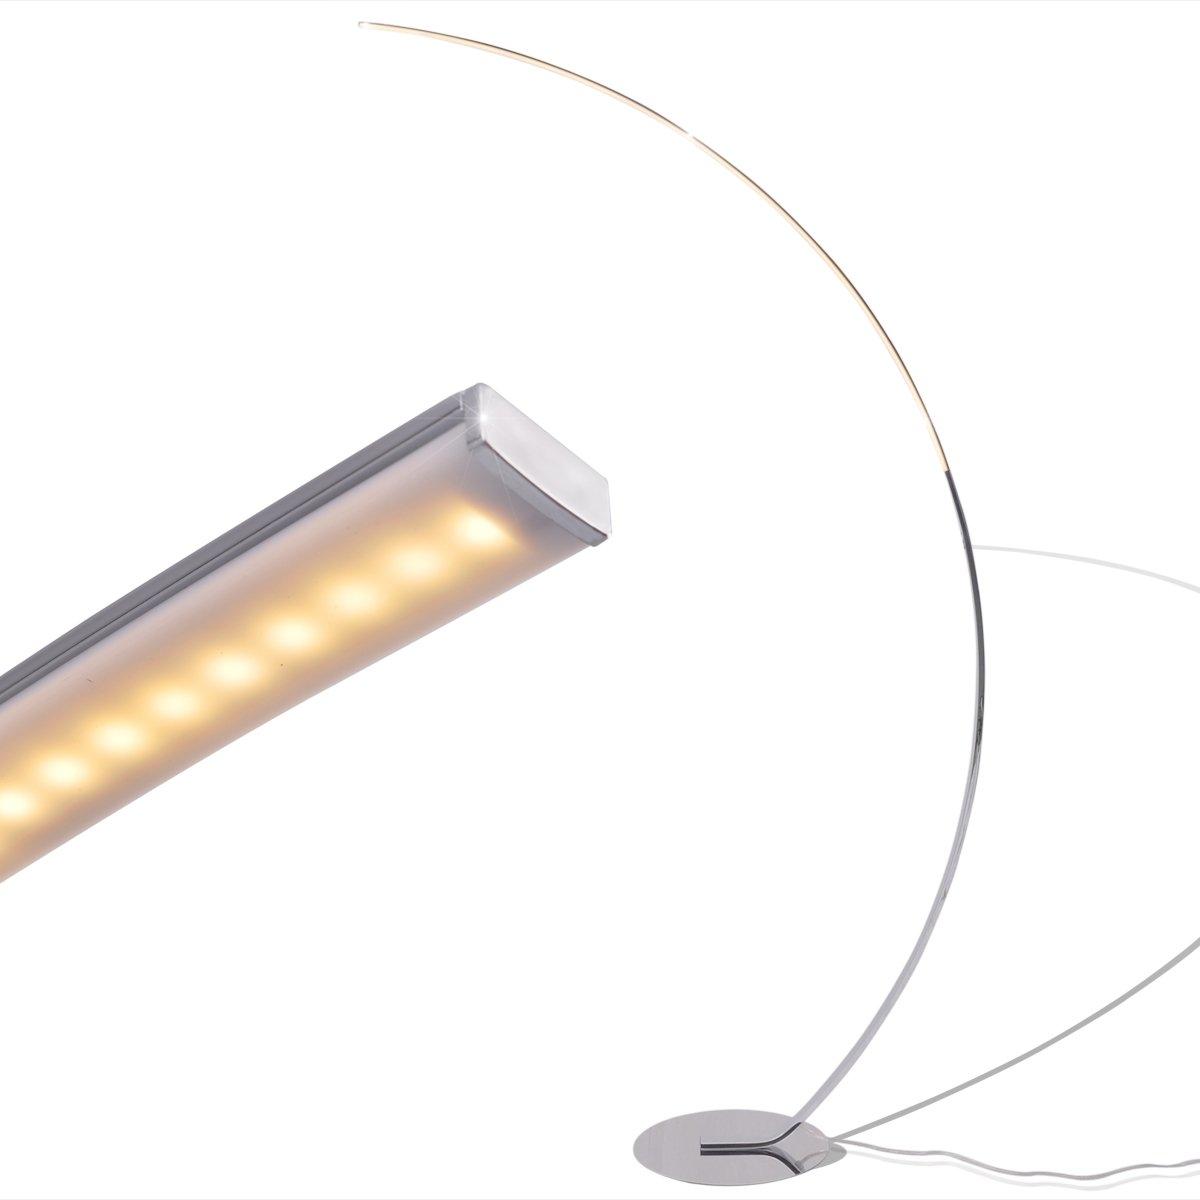 Inspirierend Bogenlampe Led Das Beste Von Vidaxl Stehlampe Dimmbar 24w Stehleuchte Bogenleuchte Leuchte: